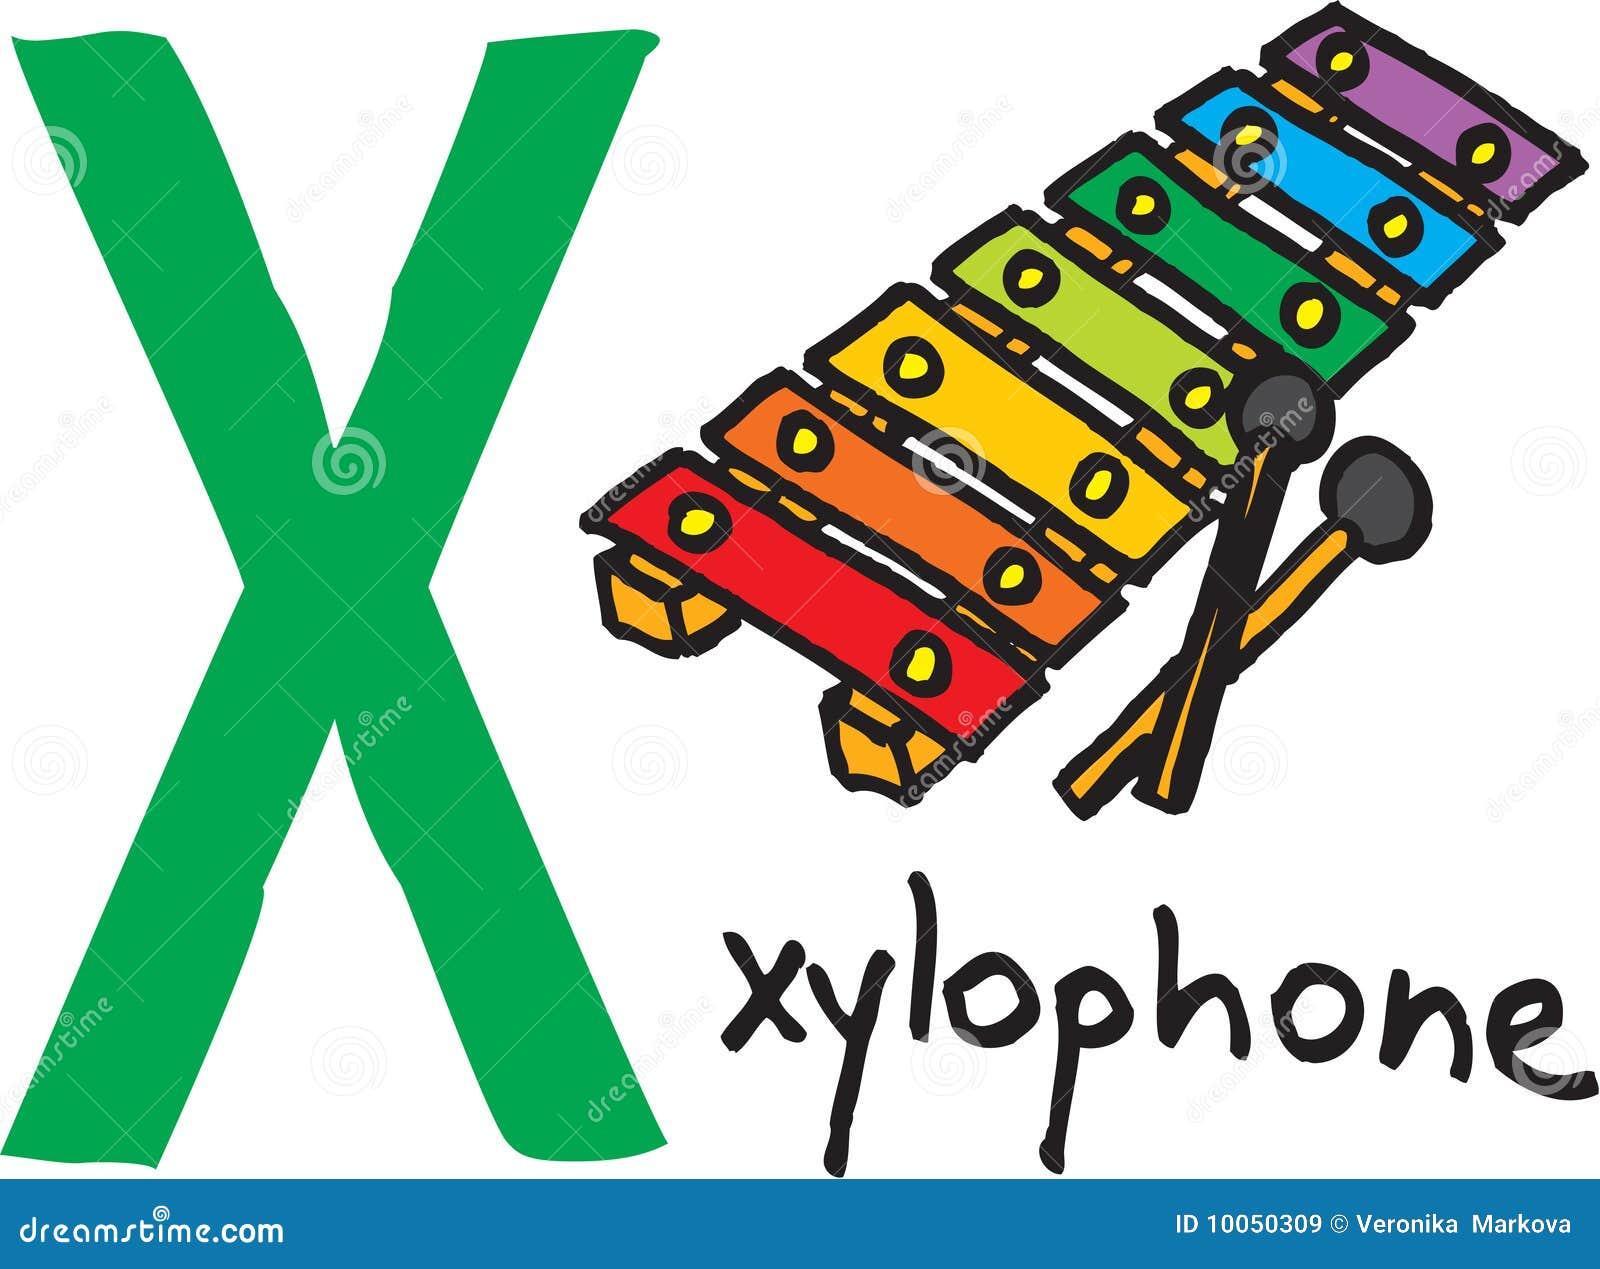 Letra X - xylophone